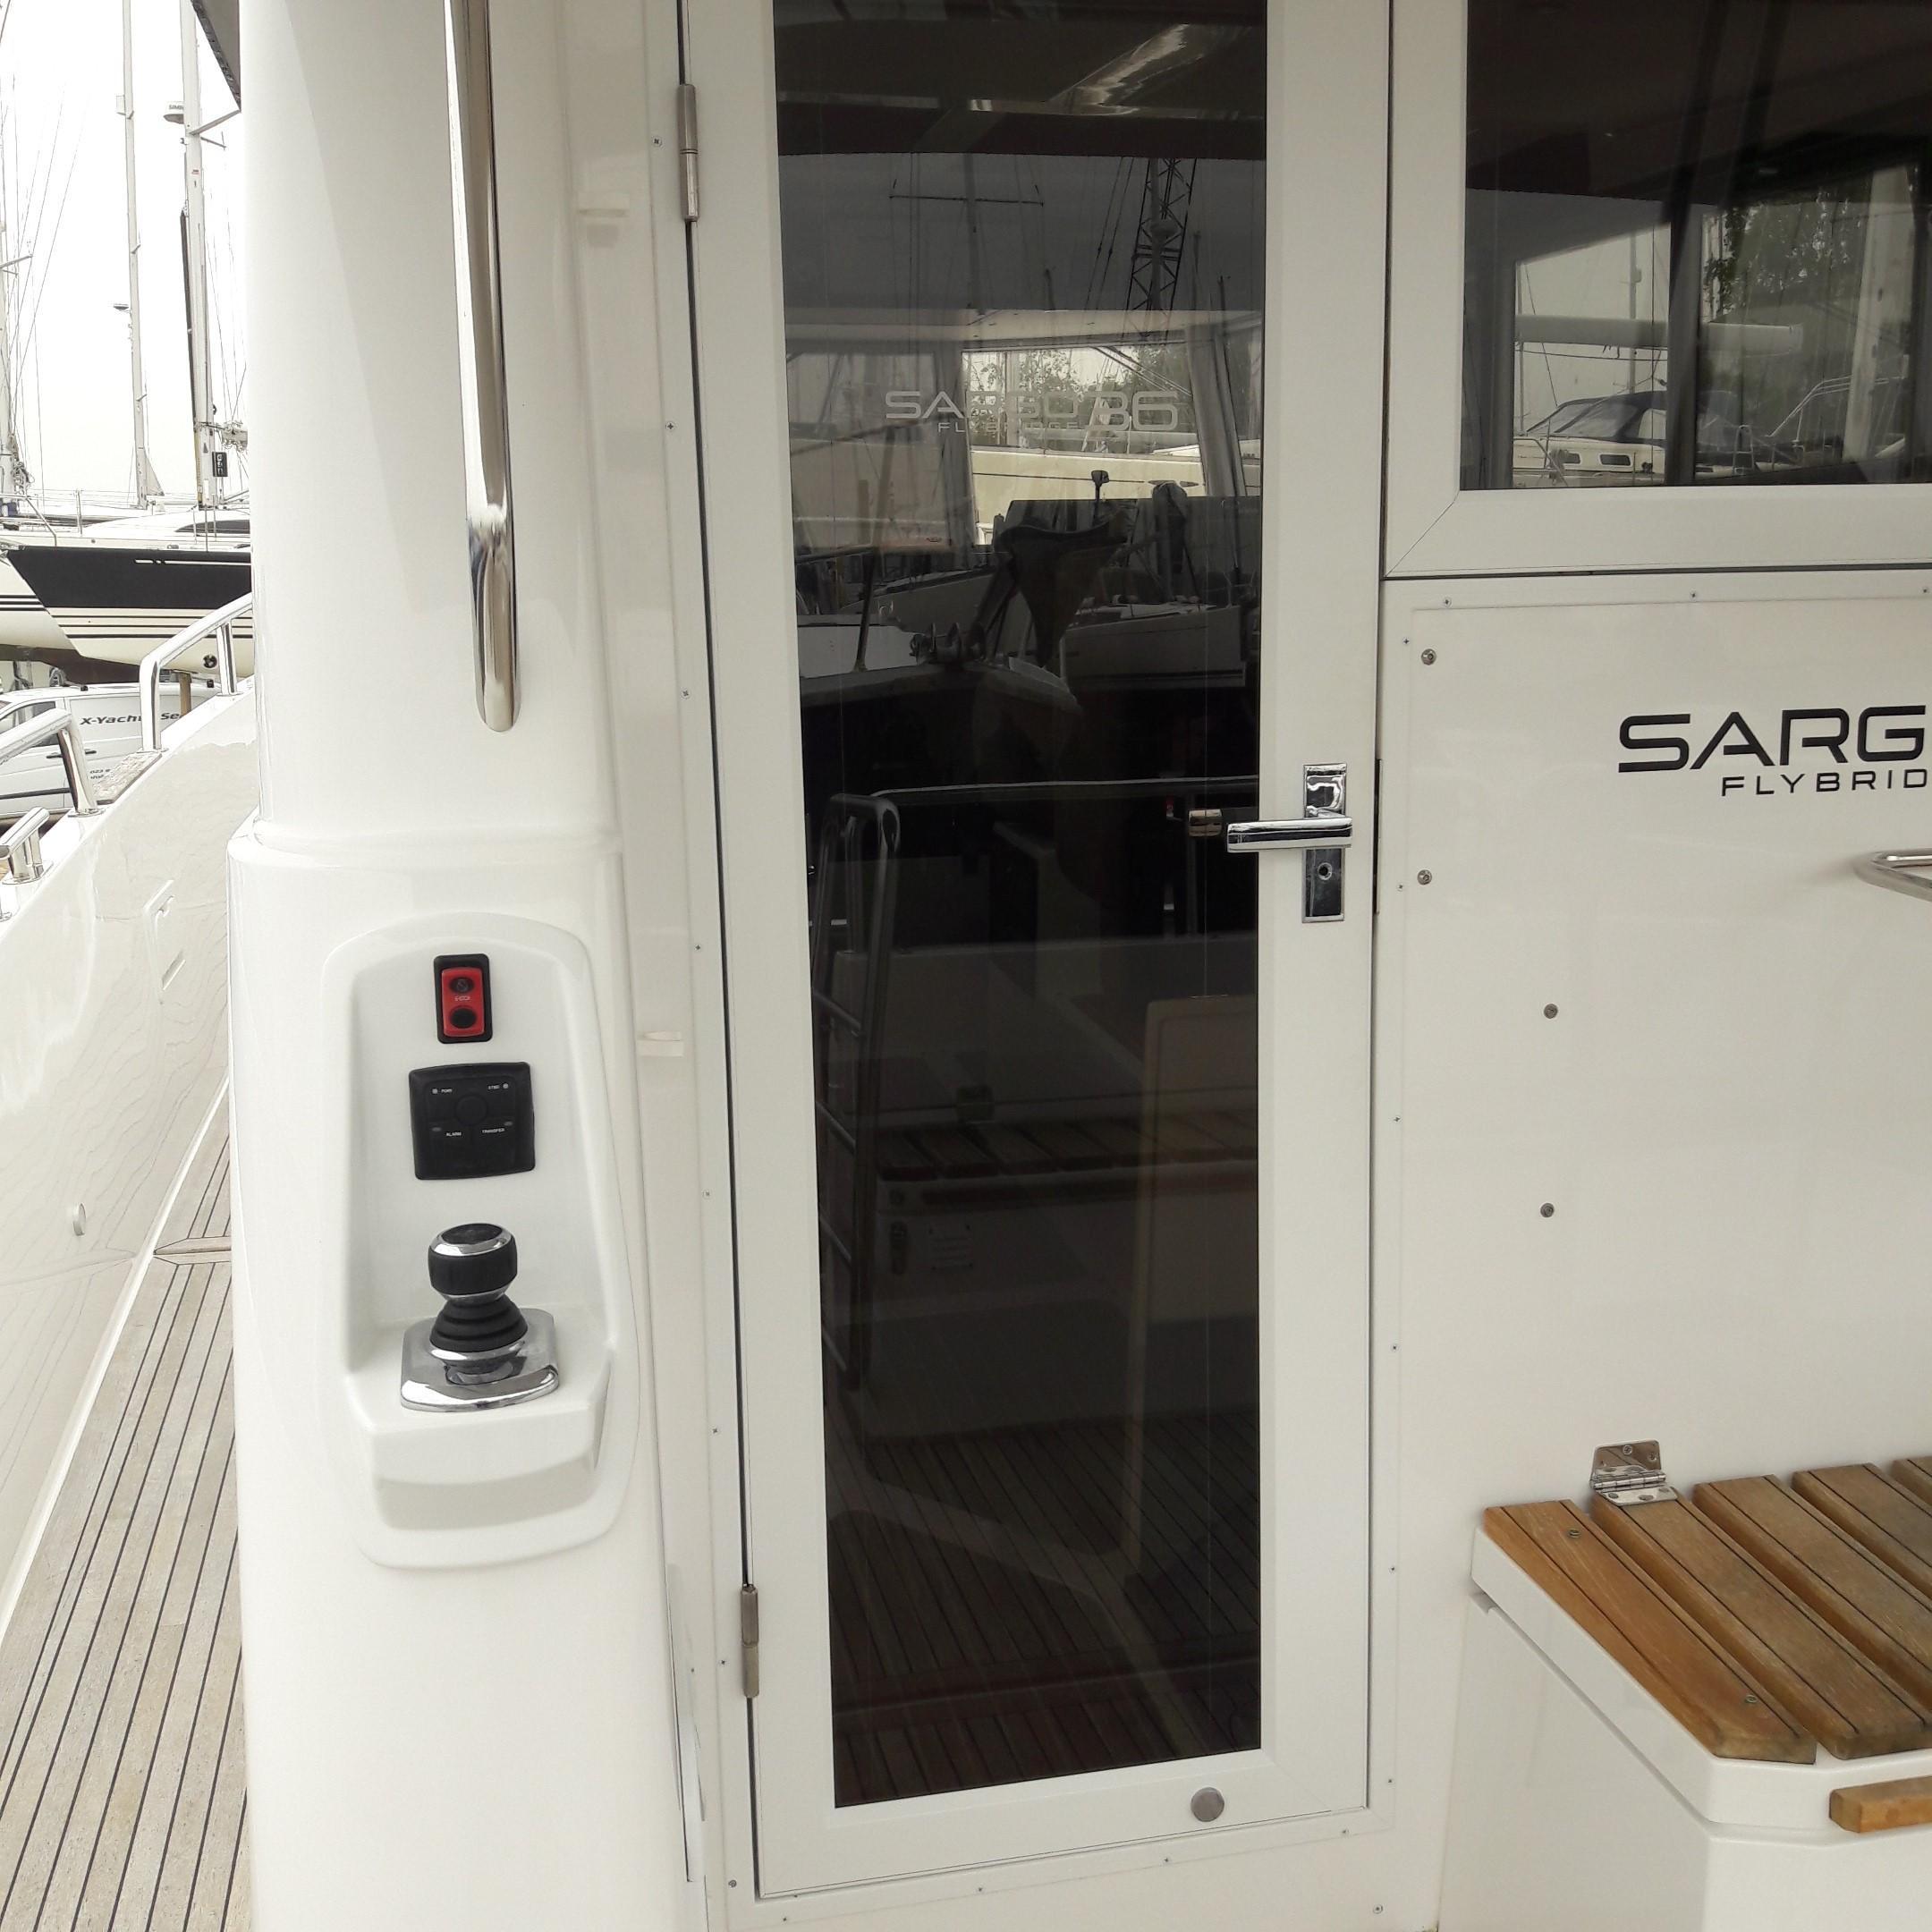 Sargo 36 Fly aft door showing external steering pod